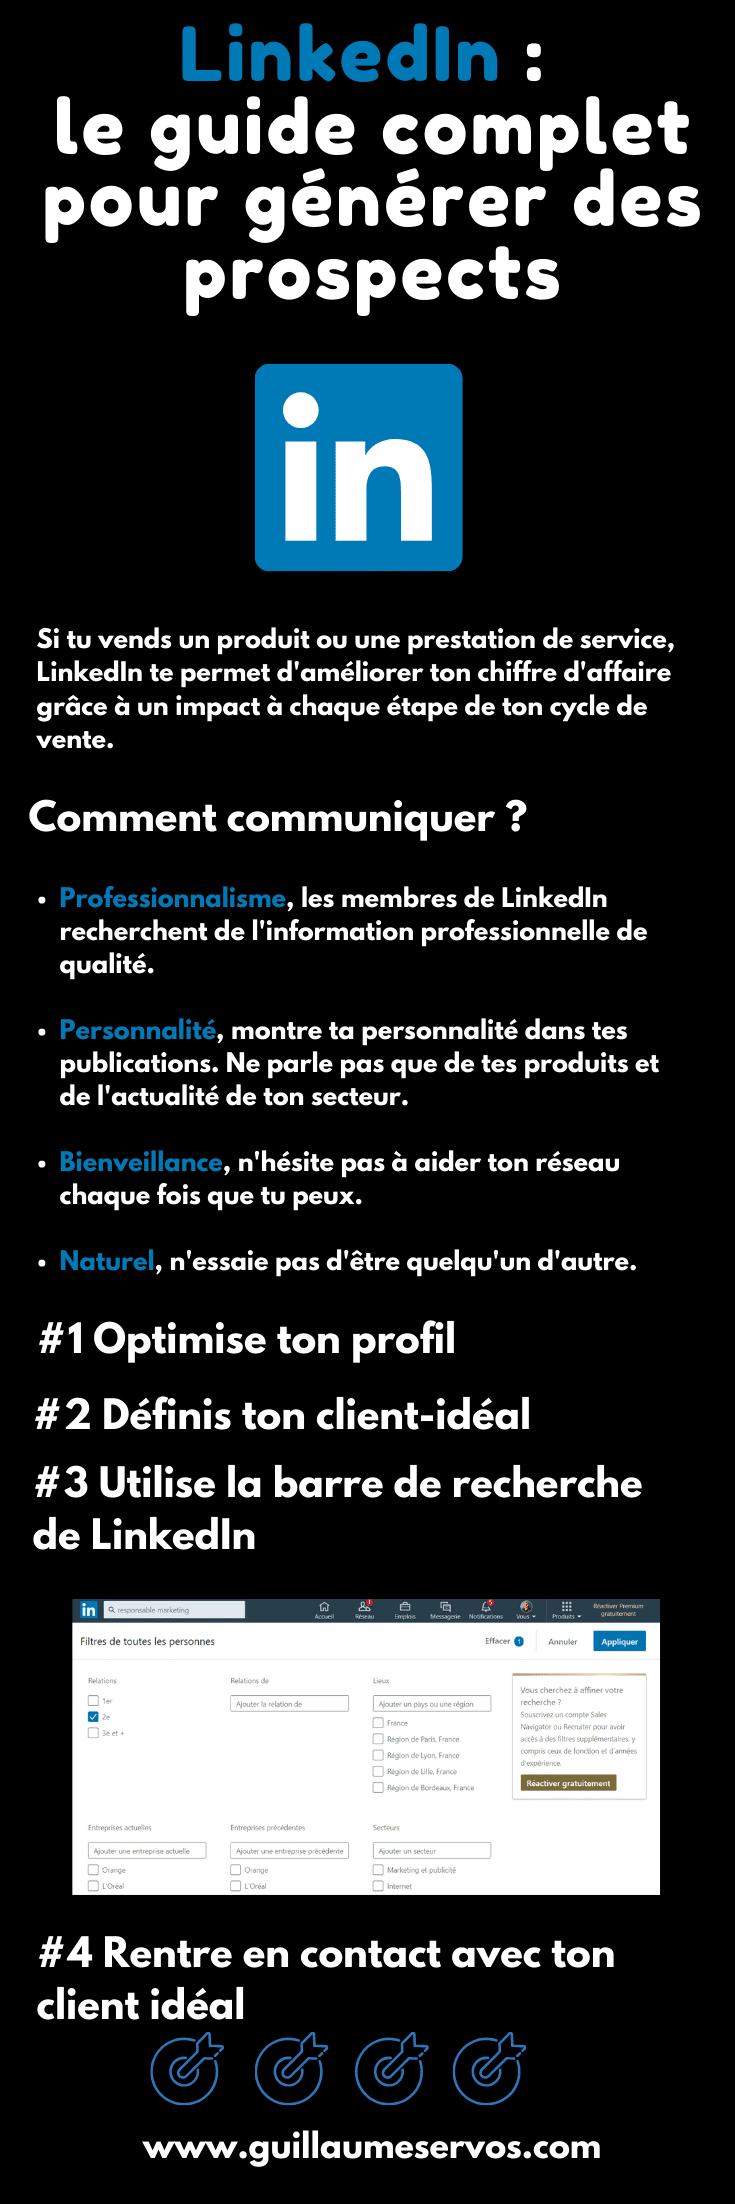 Découvre comment générer des prospects avec LinkedIn, le réseau social professionnel n°1 en France. Au menu : optimiser son profil, définir son client idéal, la barre de recherche avancée...